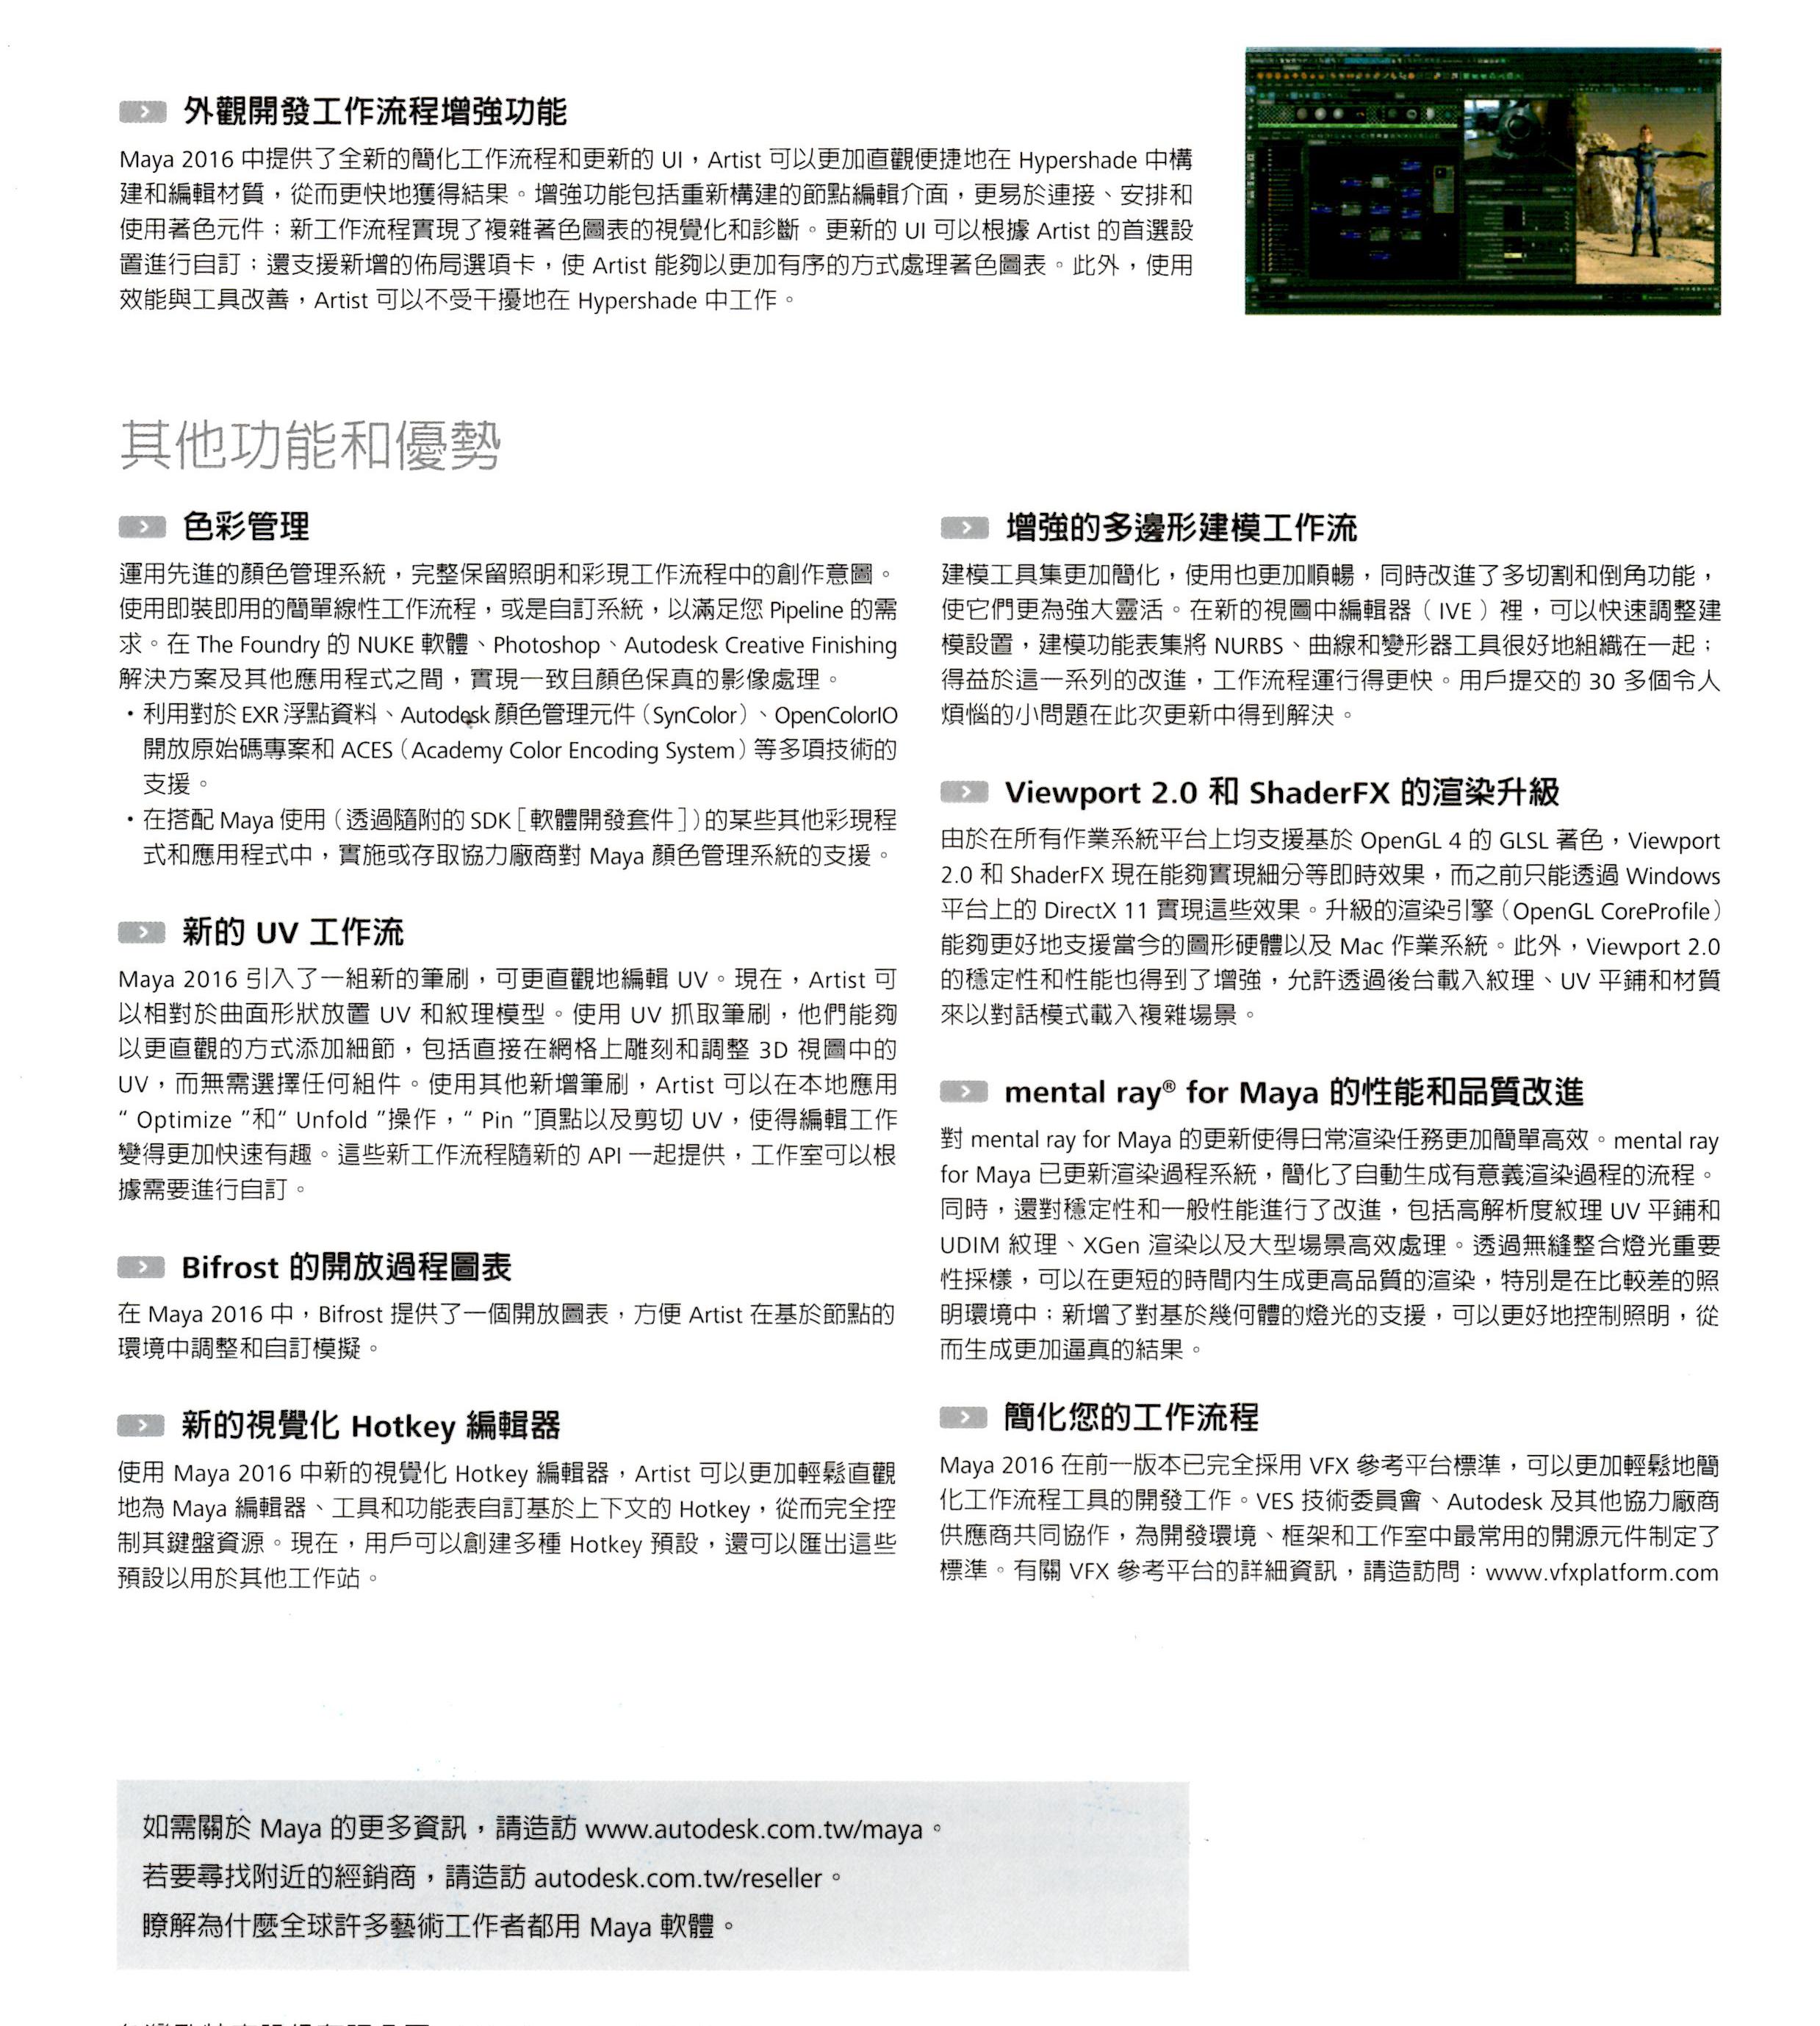 MAYA_PAGE2_TECHEZ